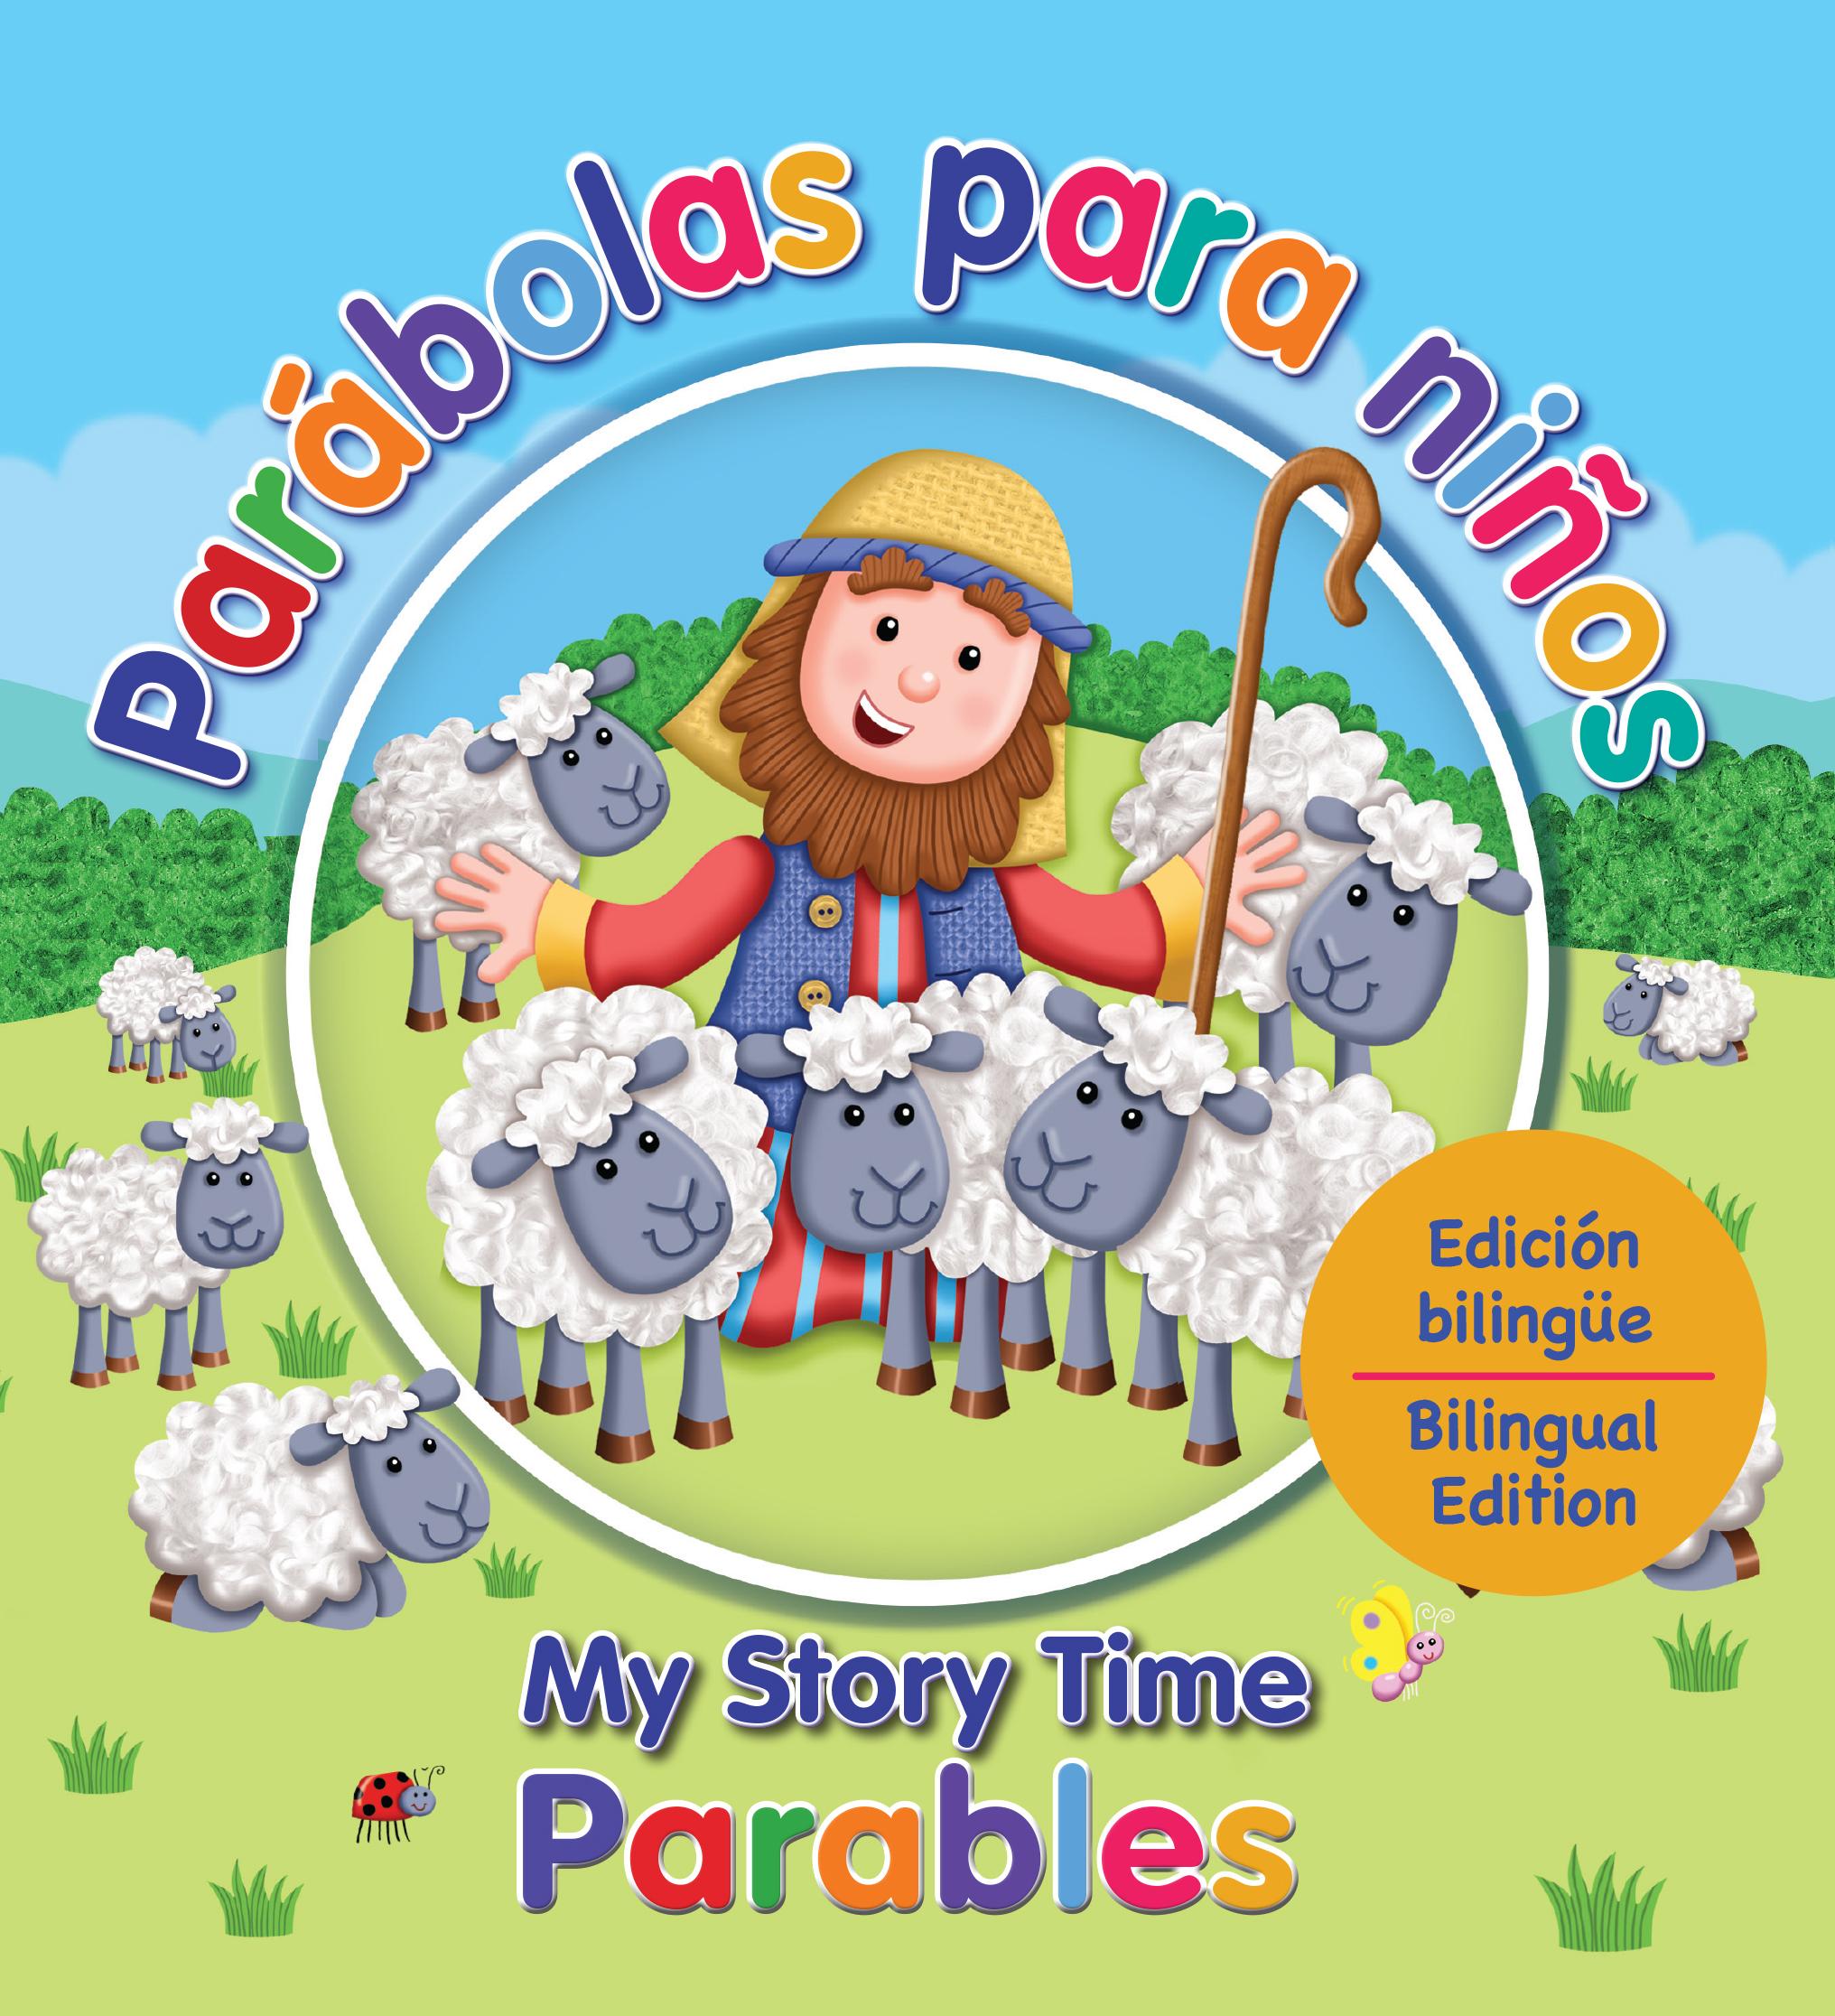 Parábolas para niños - My Story Time Parables